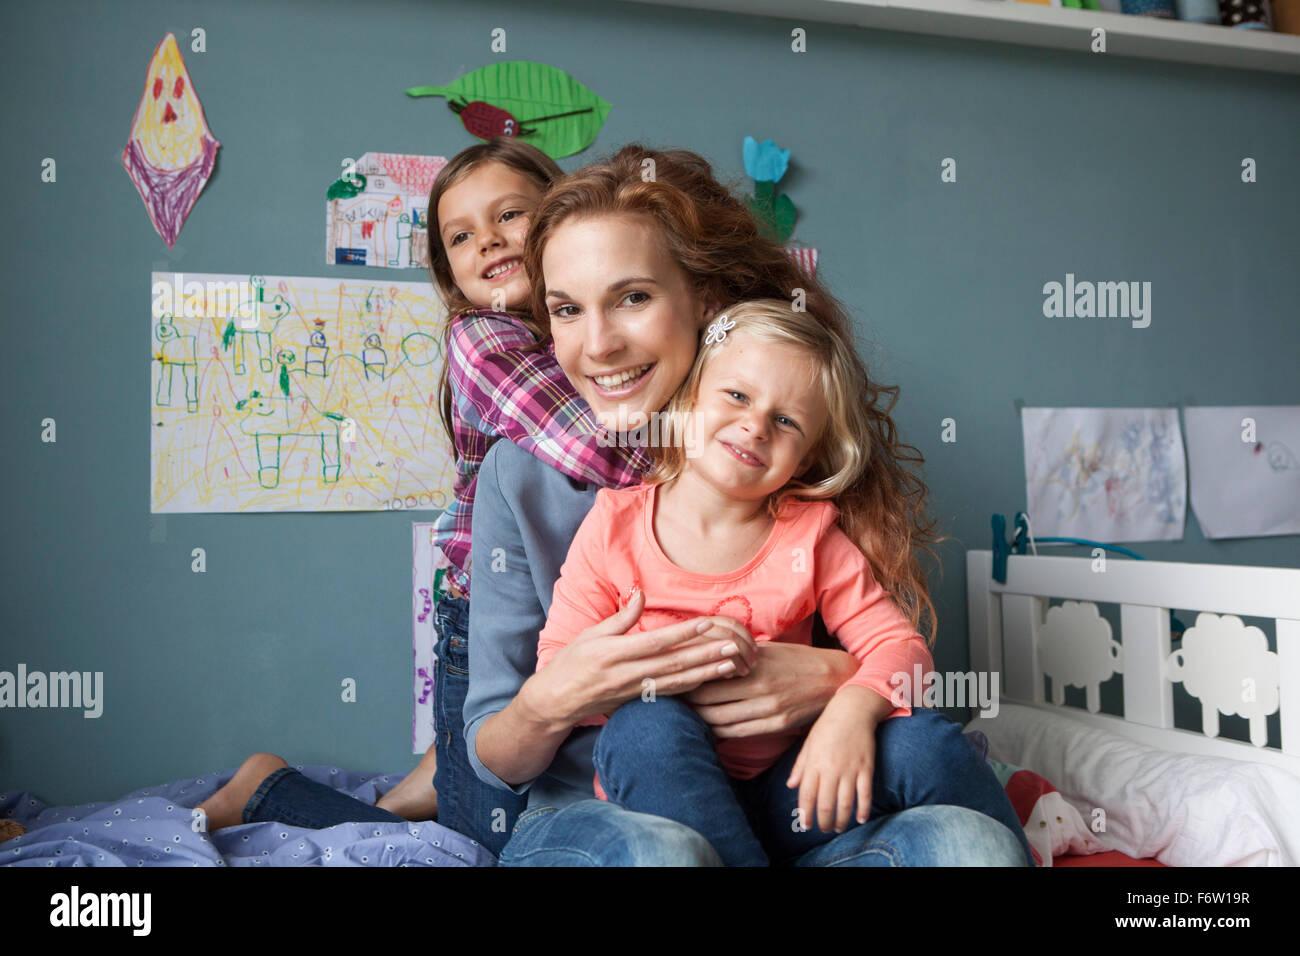 Porträt der Frau mit ihren kleinen Töchtern im Kinderzimmer Stockfoto